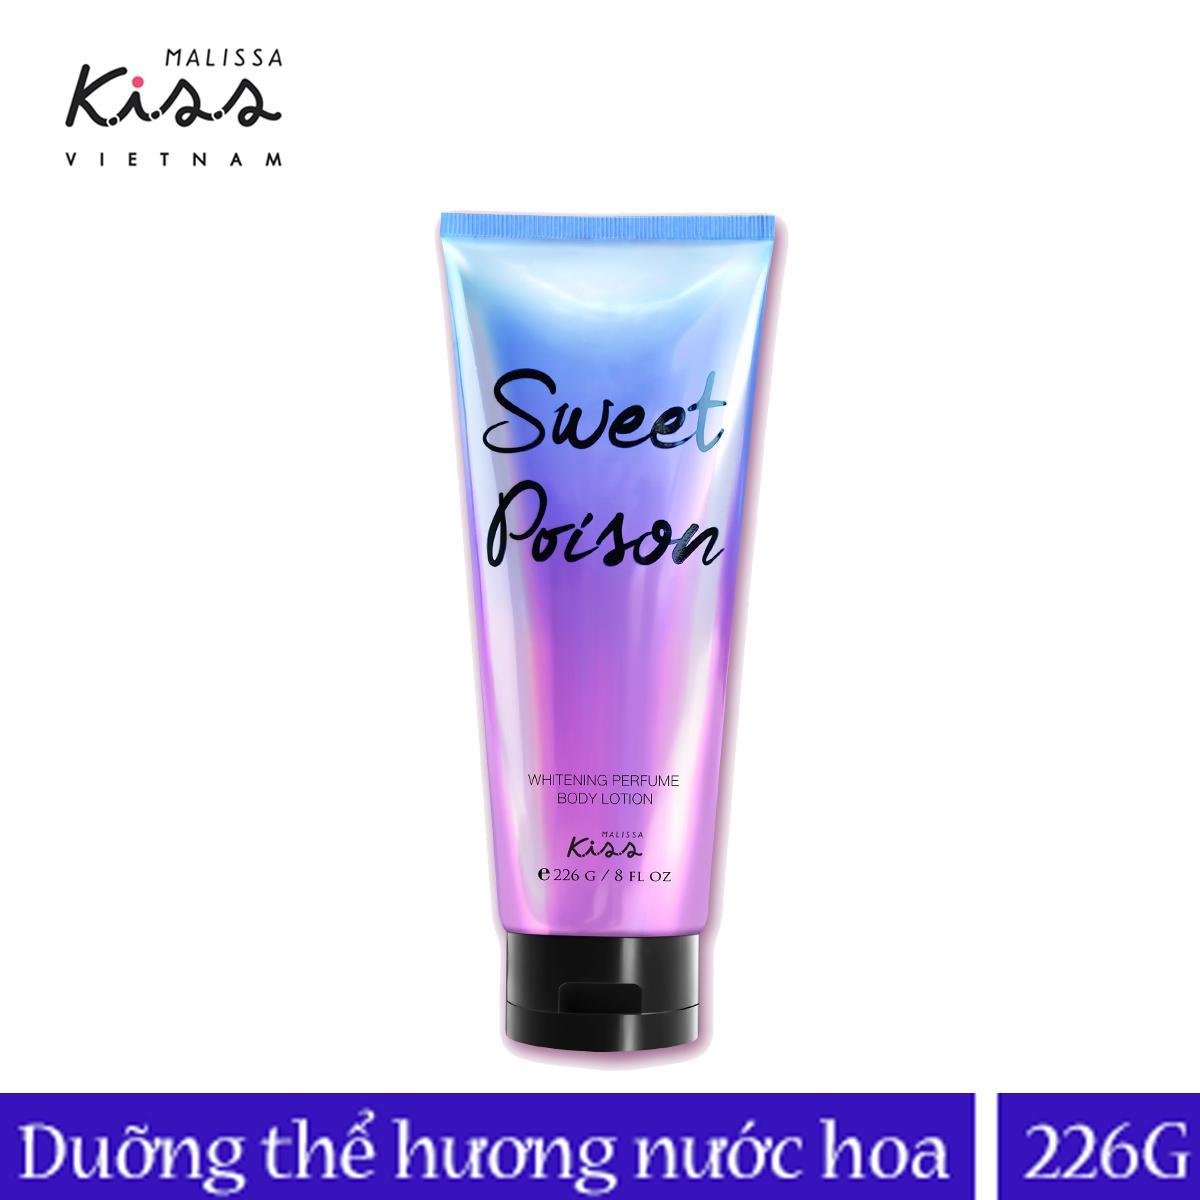 Sữa dưỡng trắng da toàn thân Malissa Kiss hương nước hoa Sweet Poison 226ml